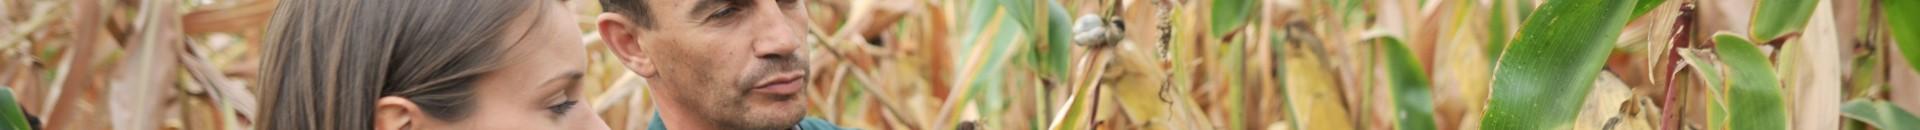 aurea conseil agronomique